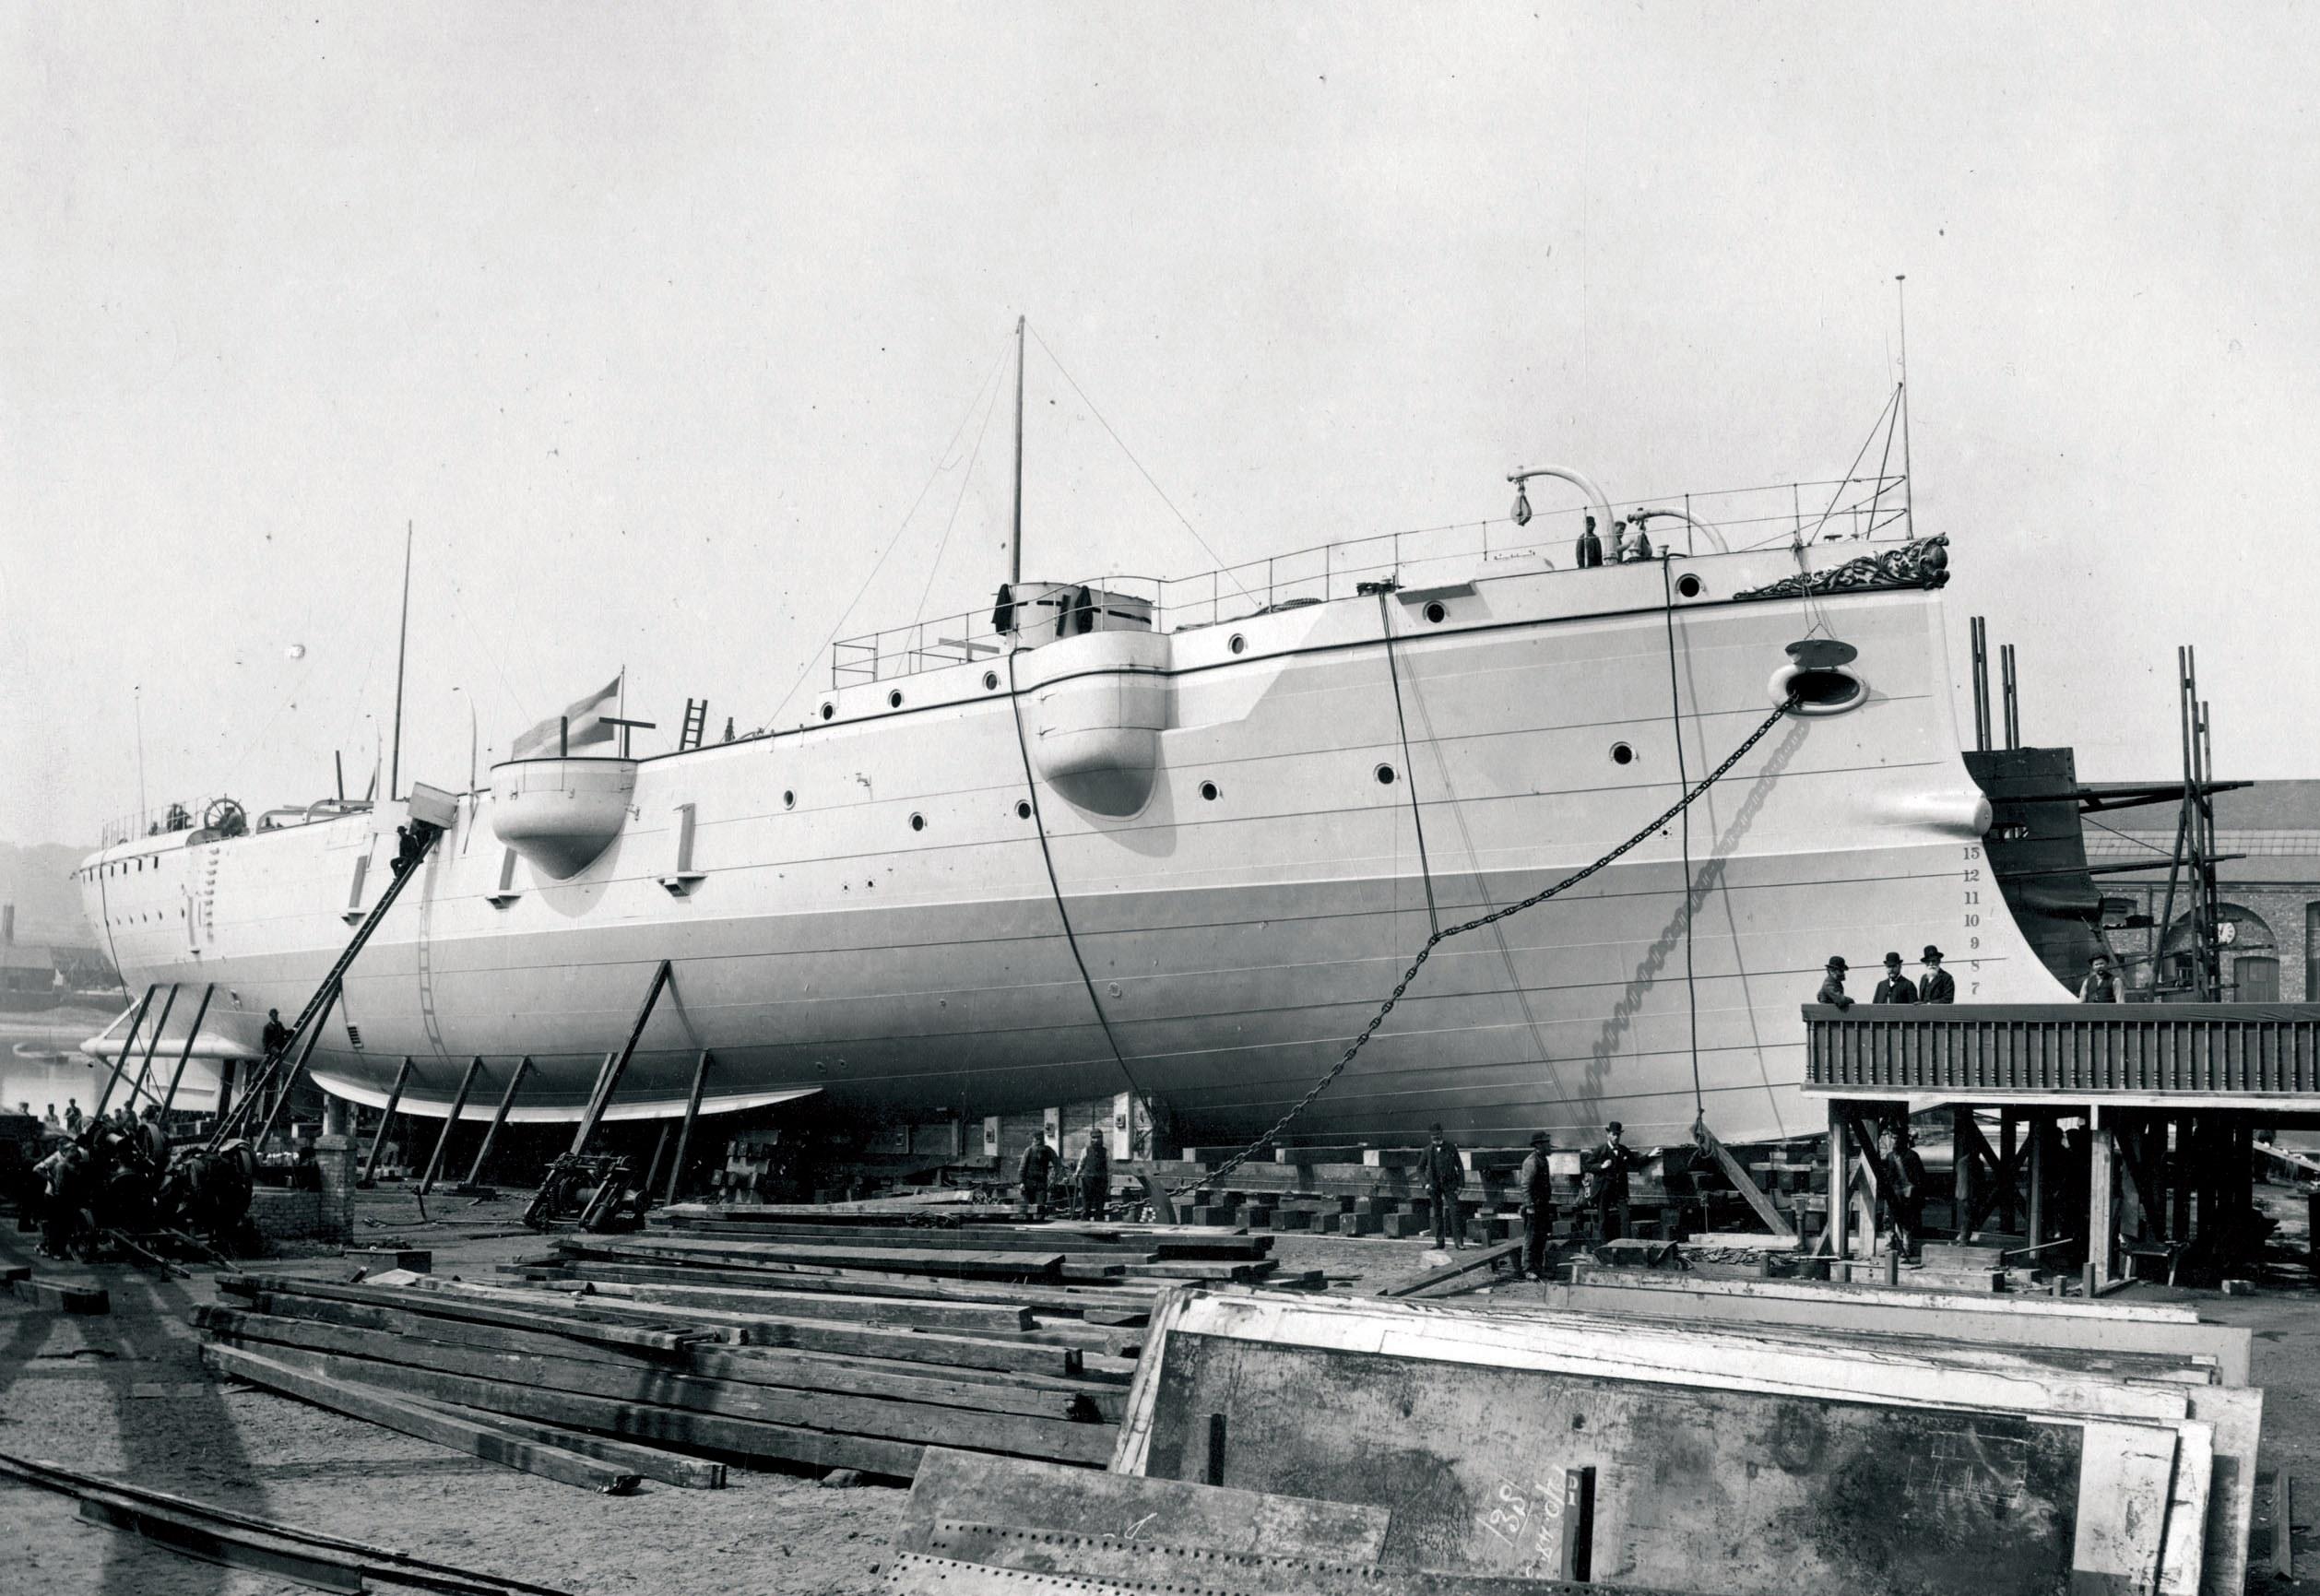 Povijesni brodovi - K.u.K. krstarice na Dalekom istoku